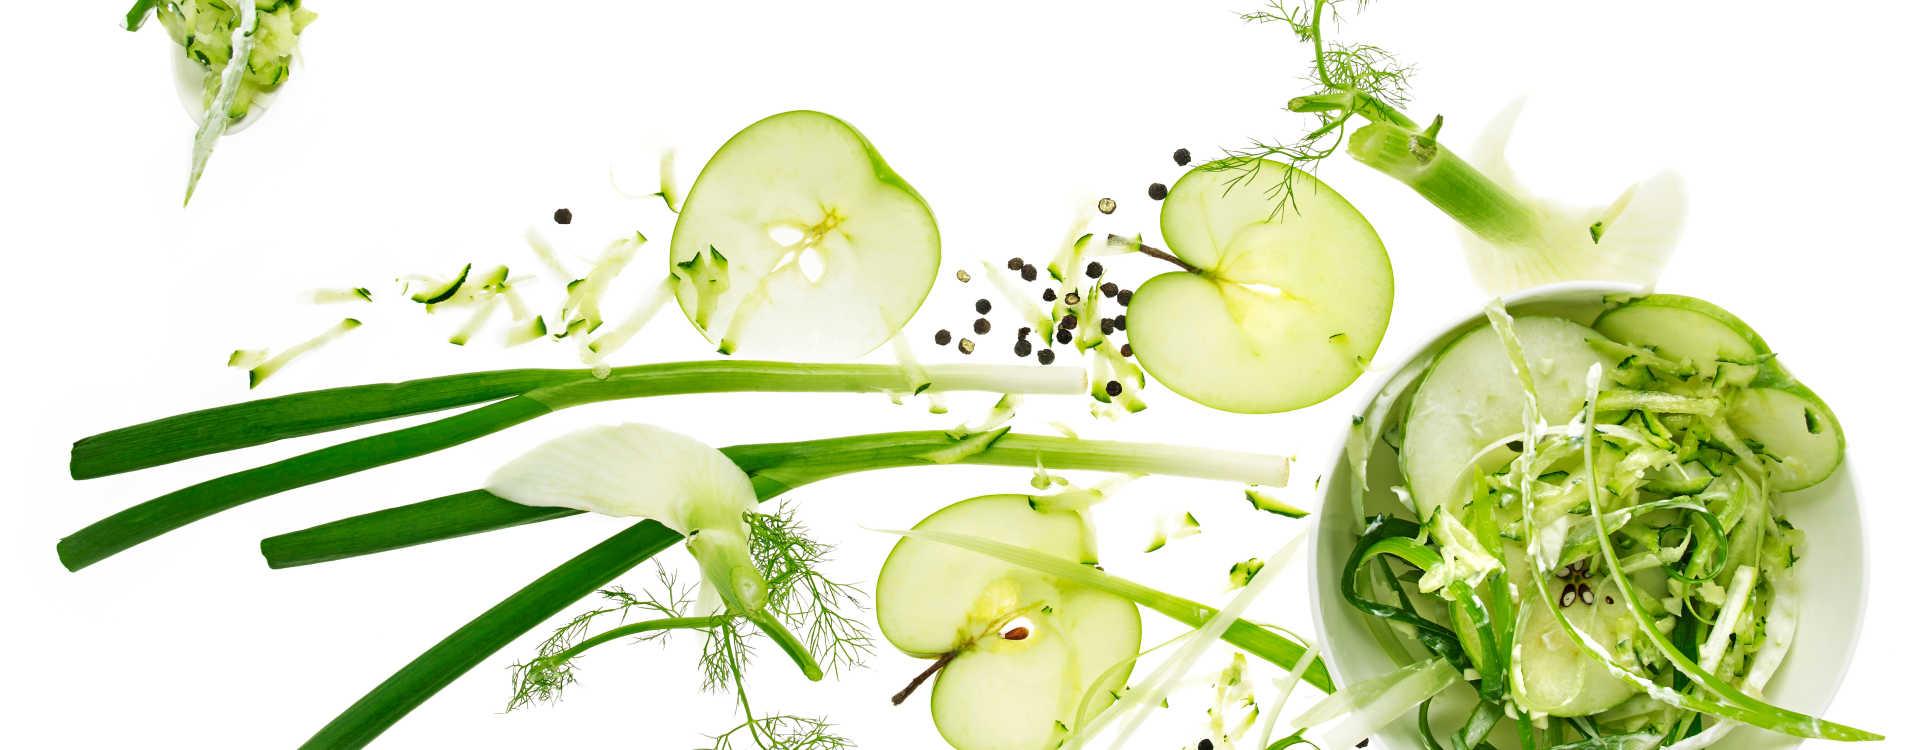 Kremete sprø grønnsaker med mye smak